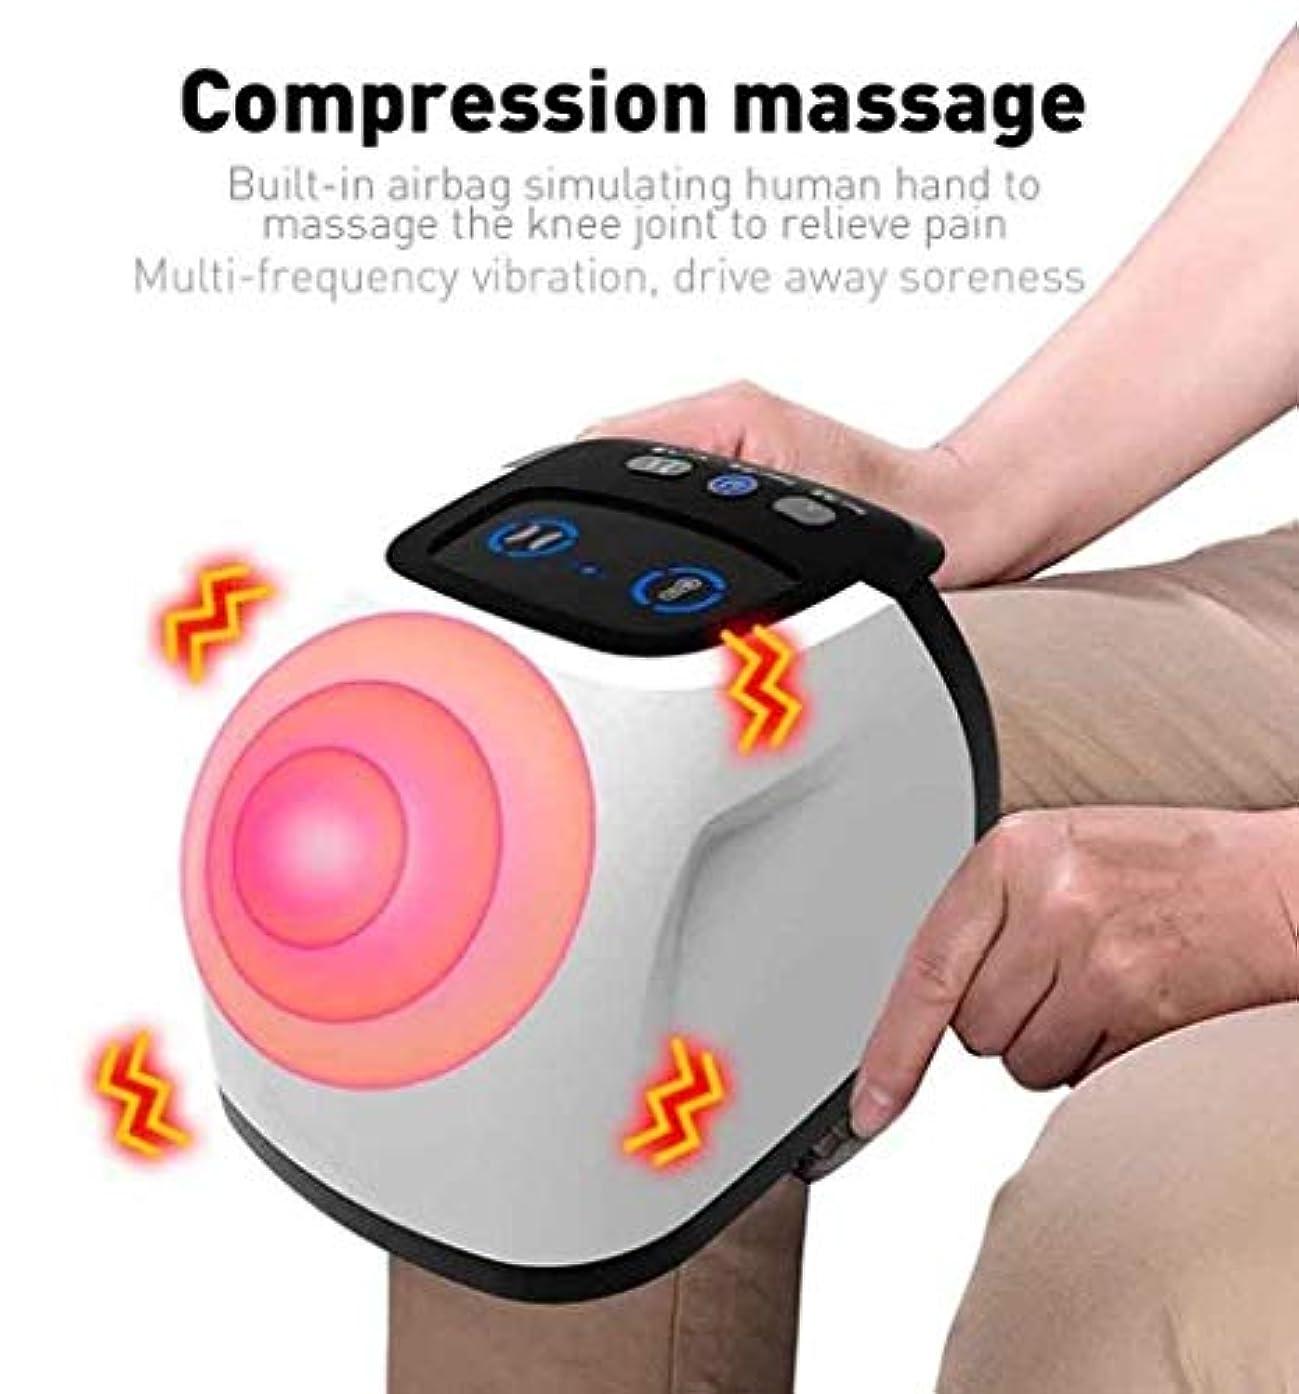 パッケージ電信増加する足と膝の痛みを和らげるための電動マッサージケアツール、エアバッグの圧縮/振動/暖かい/赤外線マグネット理学療法、血液循環の促進